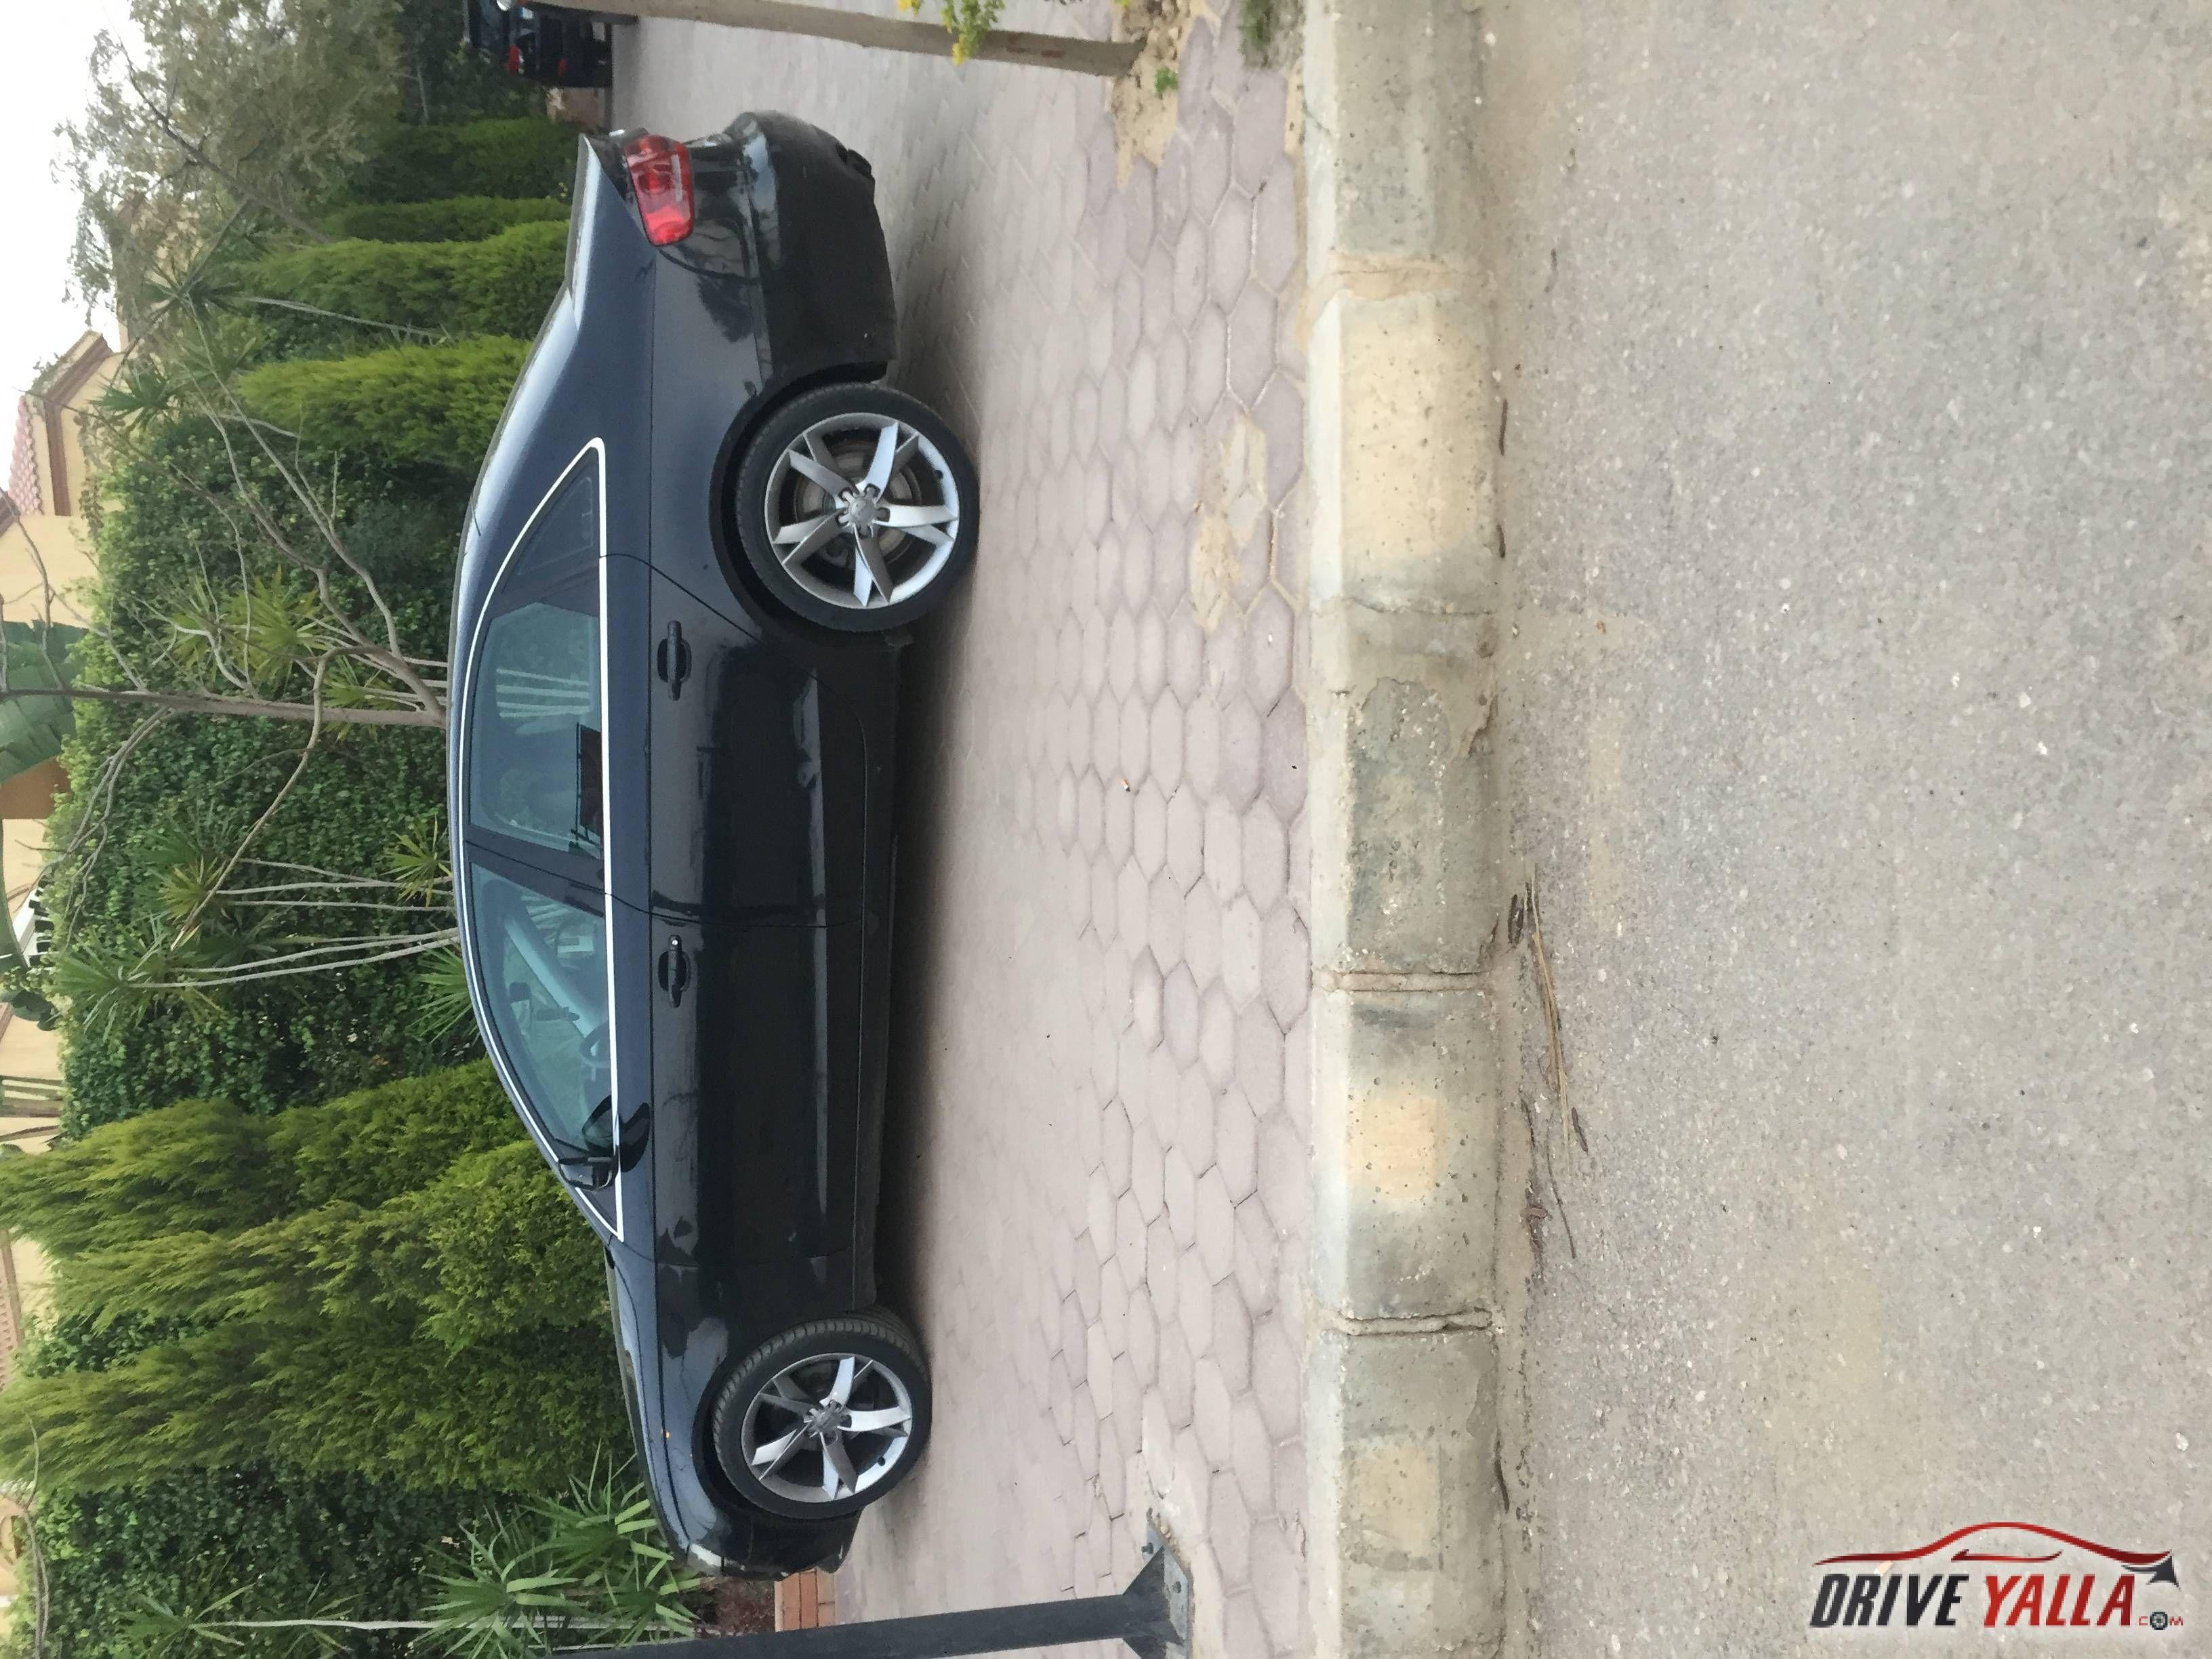 Audi A4 دلوقتي تقدر تبيع عربيتك في اسرع وقت او اشتري عربية مستعملة